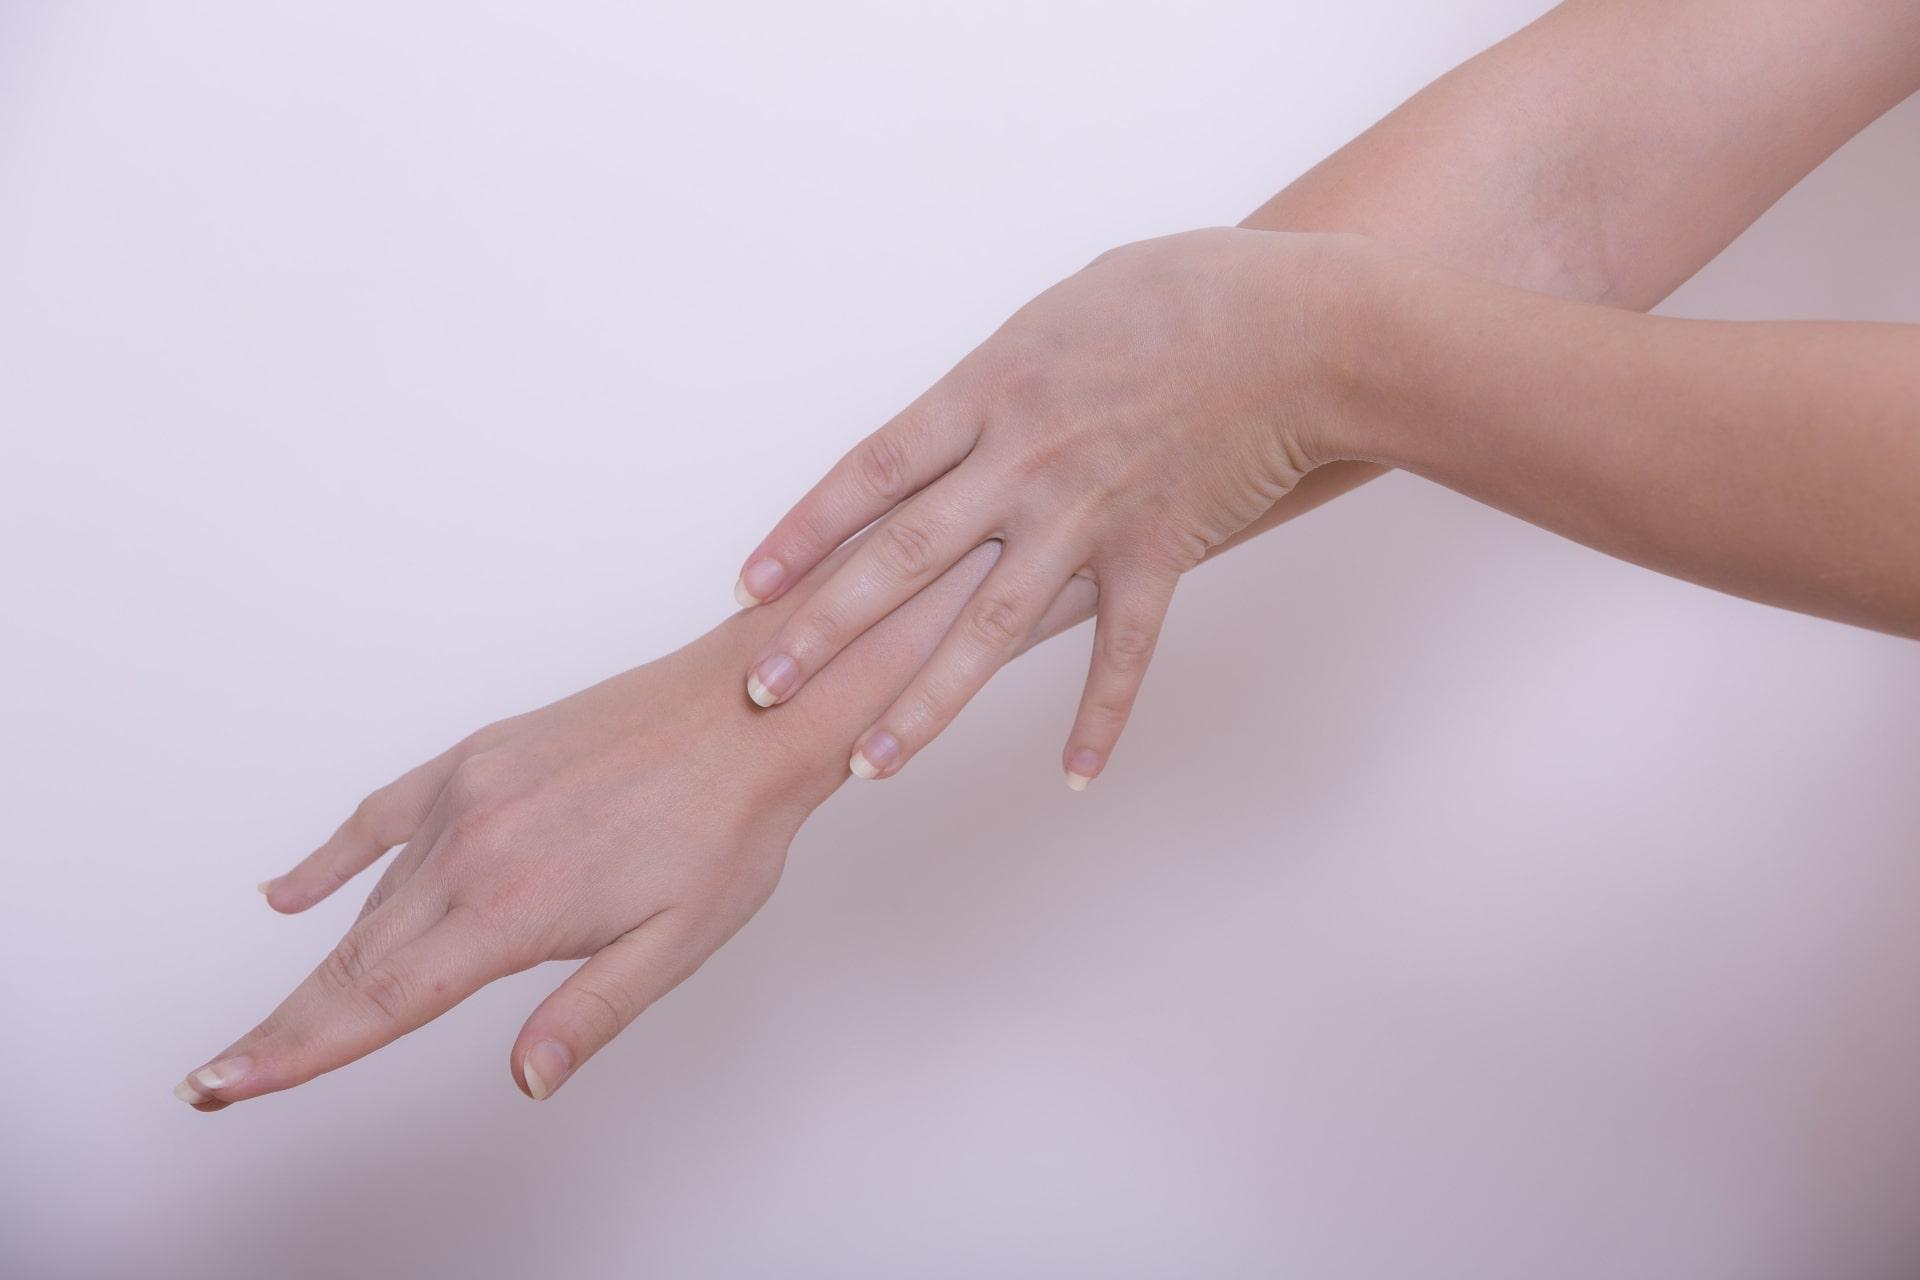 キレイな手でいるために、意識しておきたい習慣